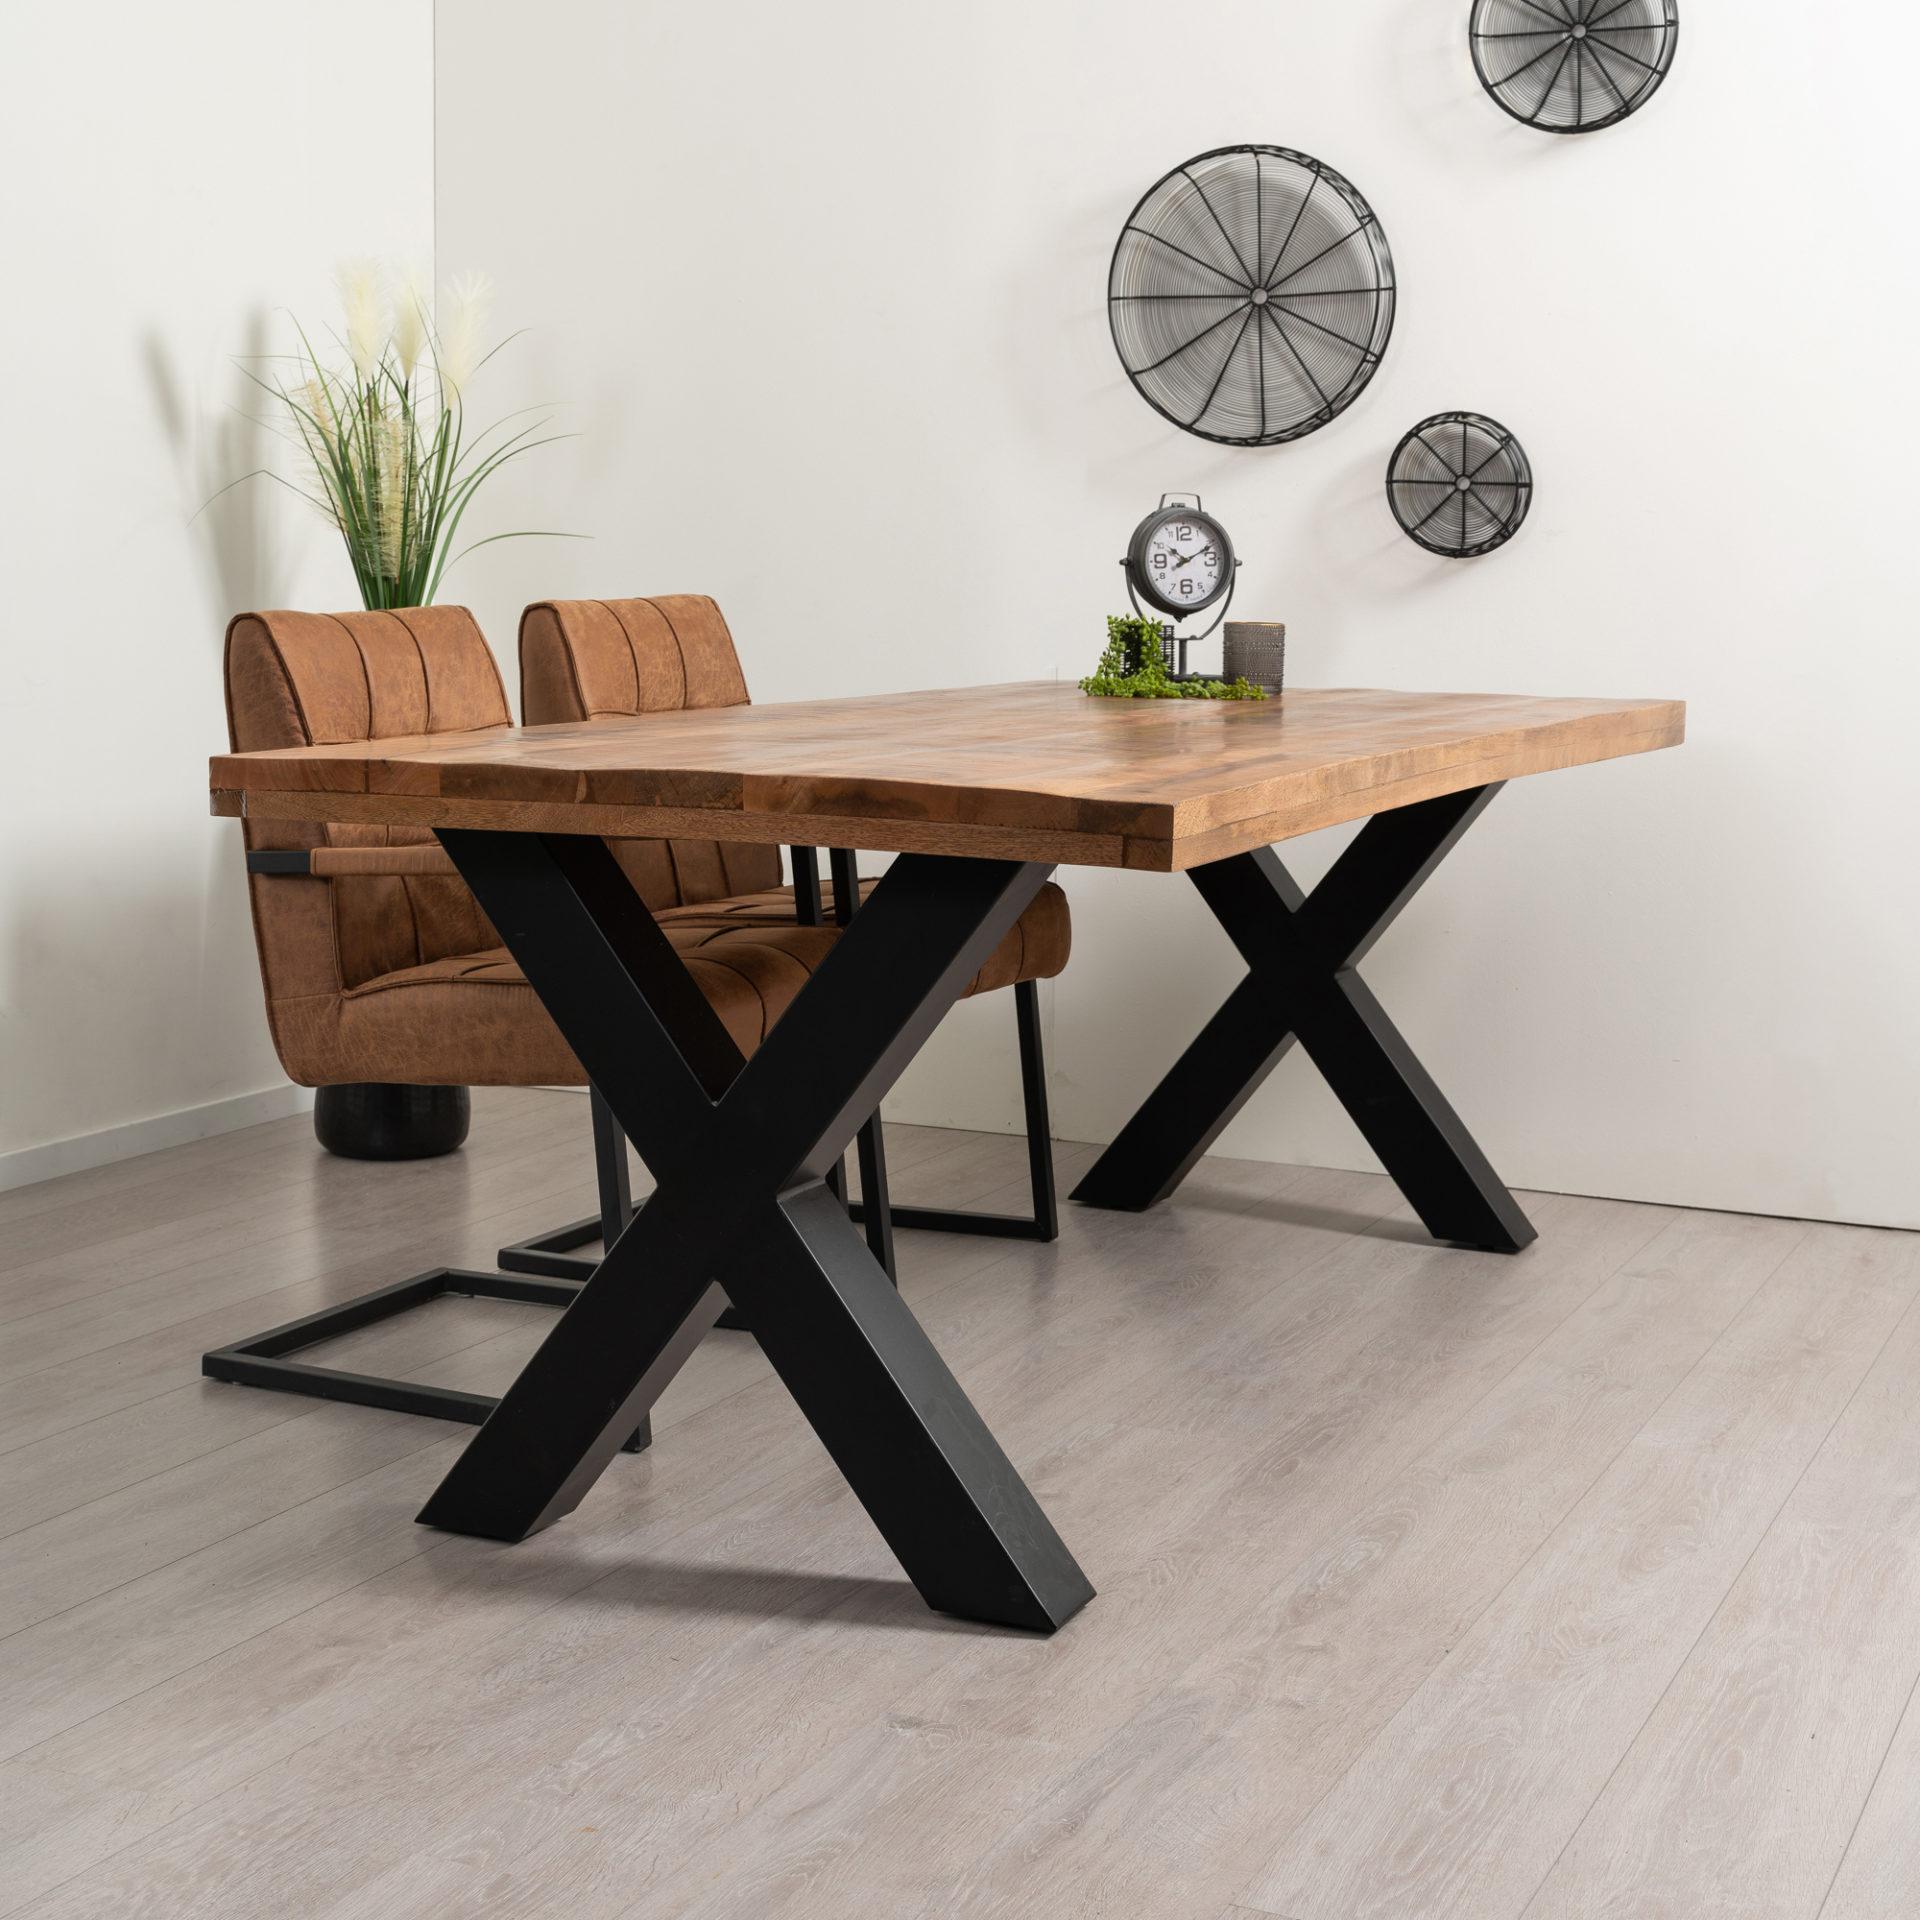 Rechthoekige eettafel gemaakt van mangohout. Het blad heeft een dikte van 4 cm en de tafel beschikt over robuuste X-tafelpoten. De tafel is in meerdere maten verkrijgbaar.